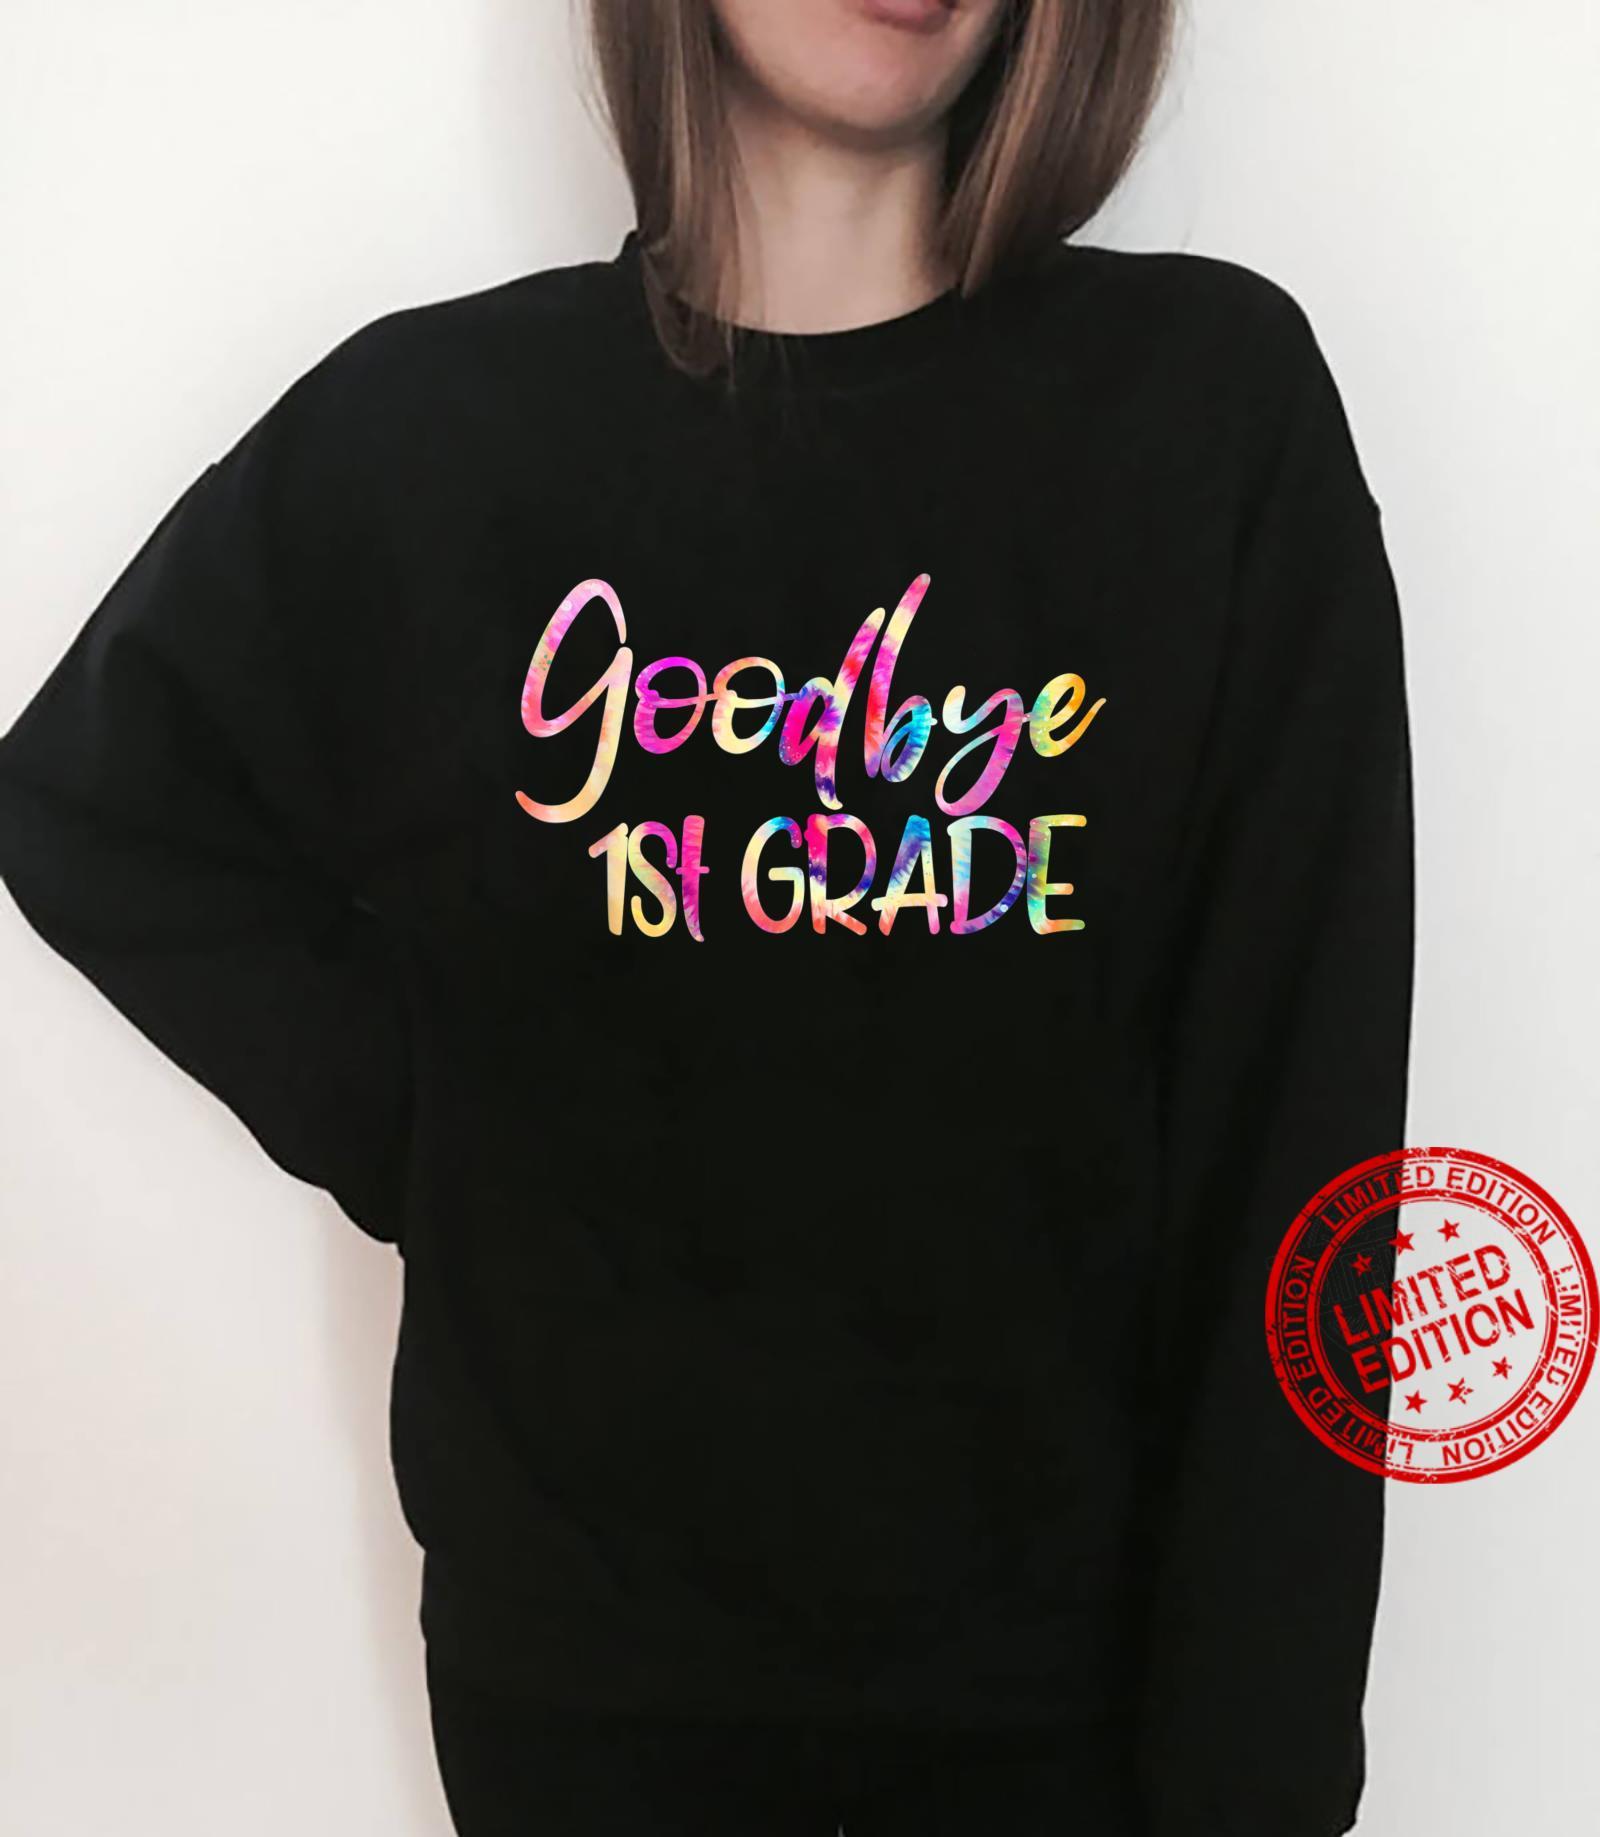 Goodbye First Grade Straight Outta First Grade Class Of 2021 Shirt sweater